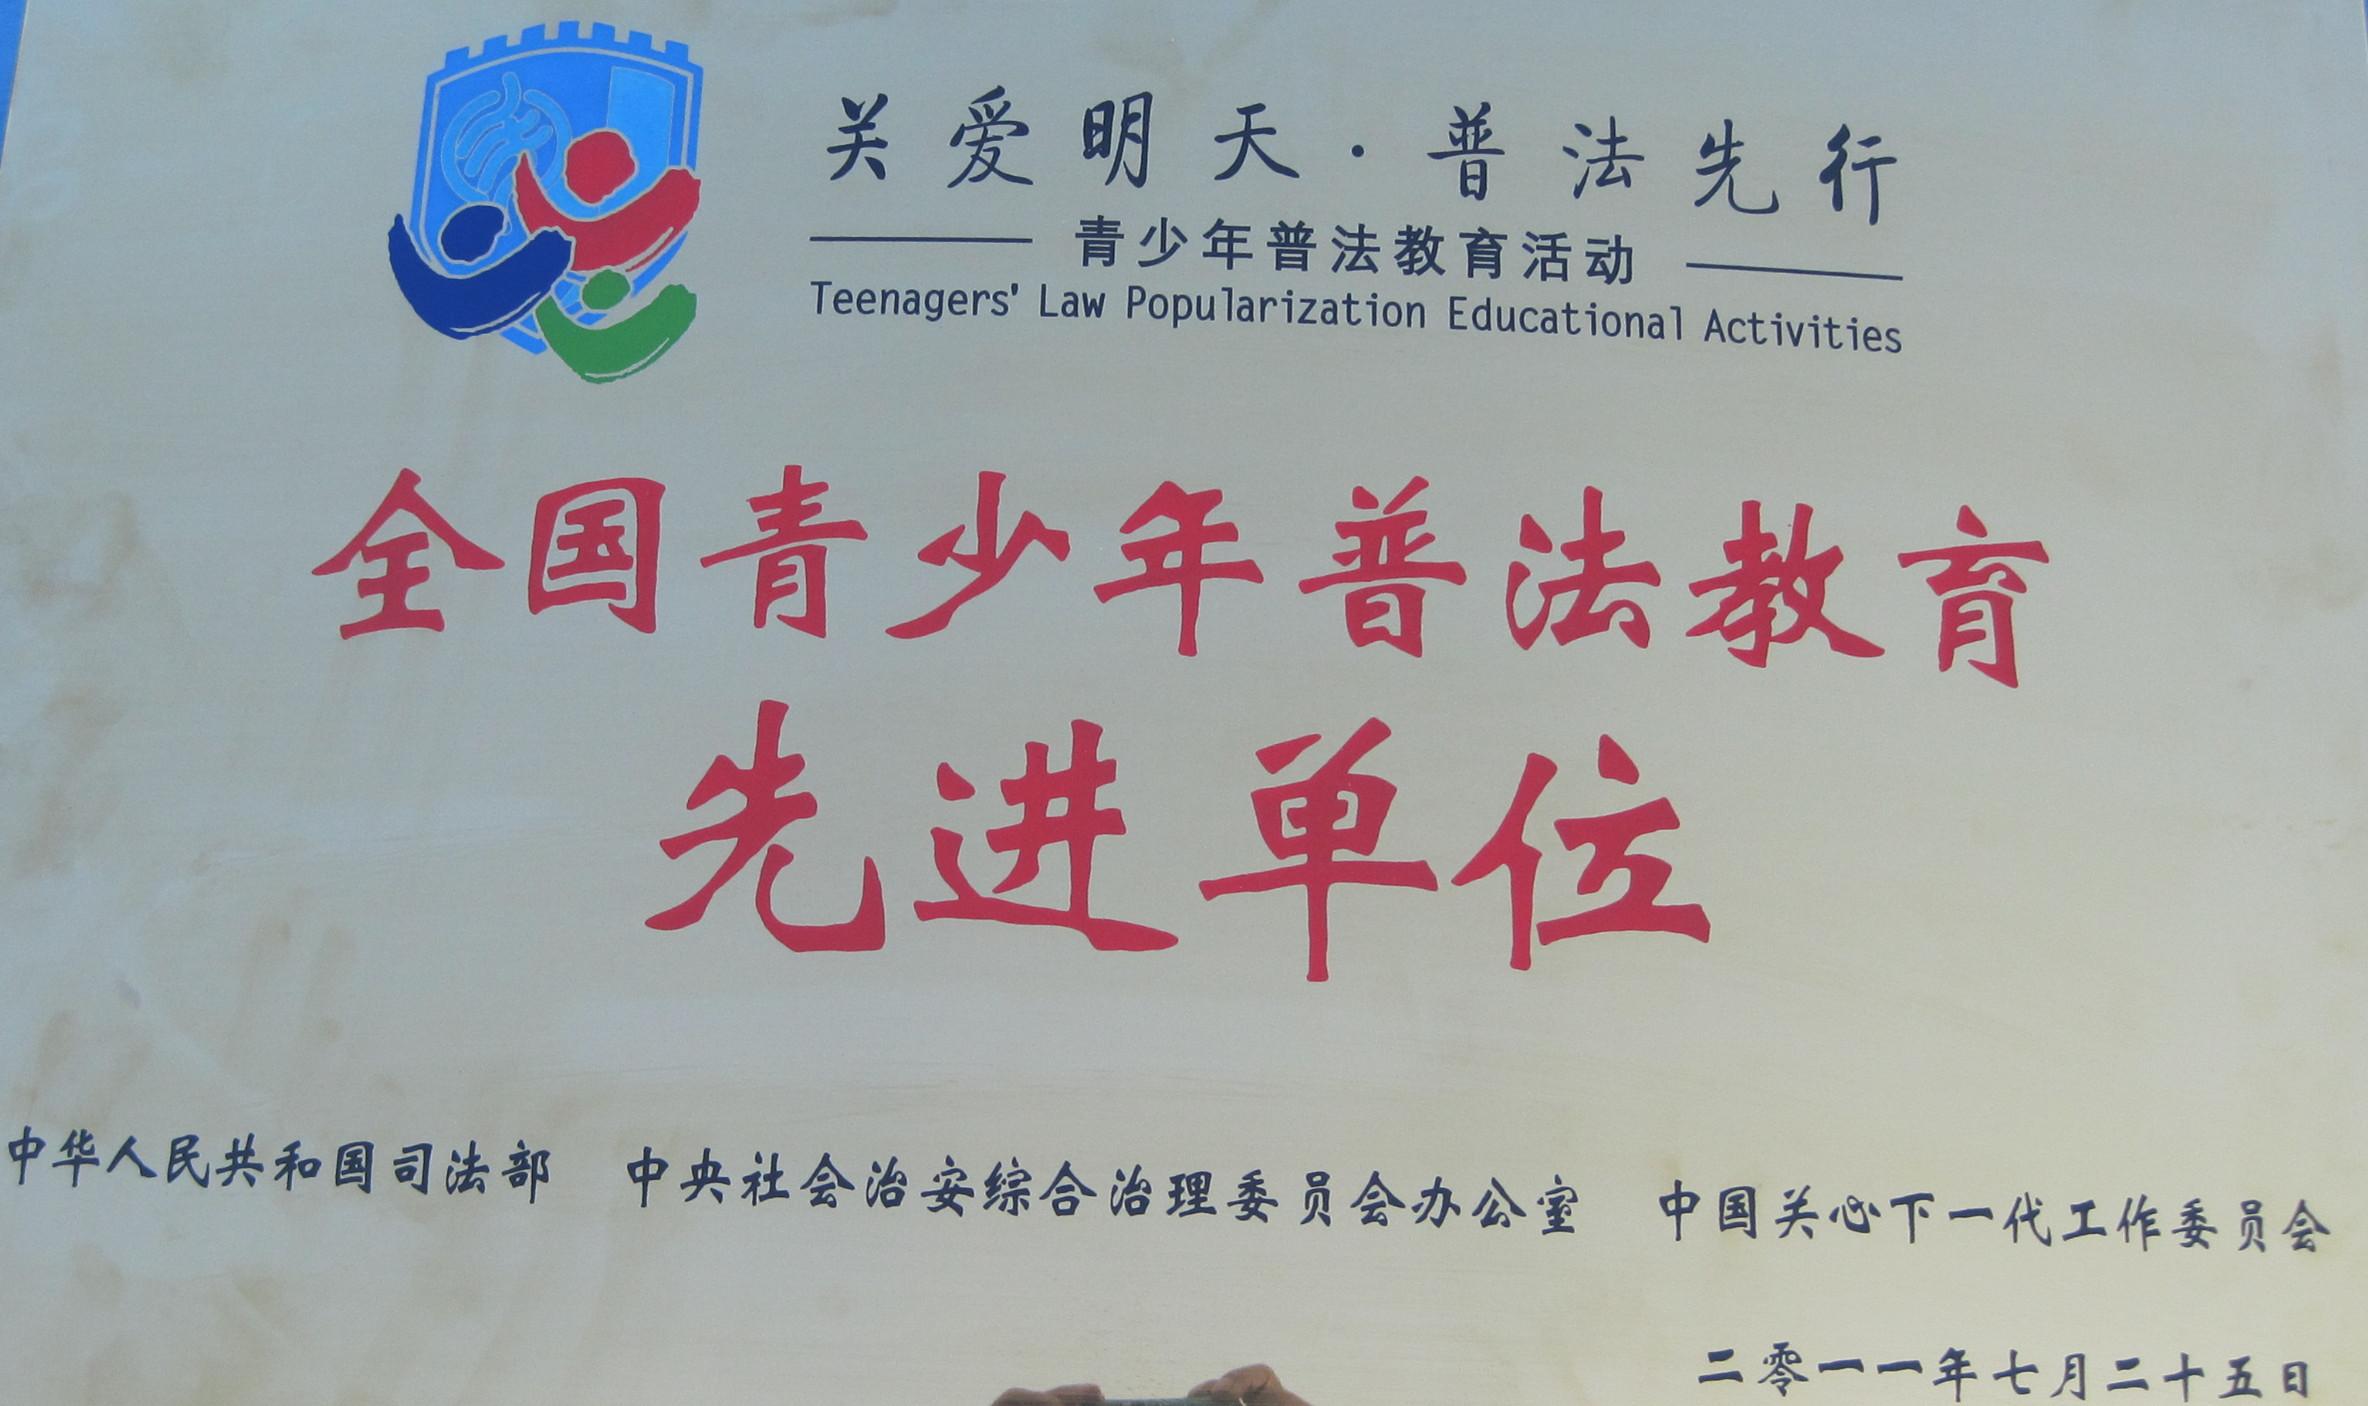 仙居外语学校创办于1998年,位于浙江省仙居县城区。现有小学、初中、高中三个校区,96个教学班,5000多名在校生。办学18年来,中考成绩一直位居全县榜首,教育教学质量已跻身于台州市前列,享有较高的社会声誉。成为仙居县中小学生择校首选,每年来校报名求学的有3000多名学生。我校生源充足,招生任由挑选,万行教师人才网所招学生基础扎实,好管好教,当教师非常有成就感。欢迎你加盟我校。